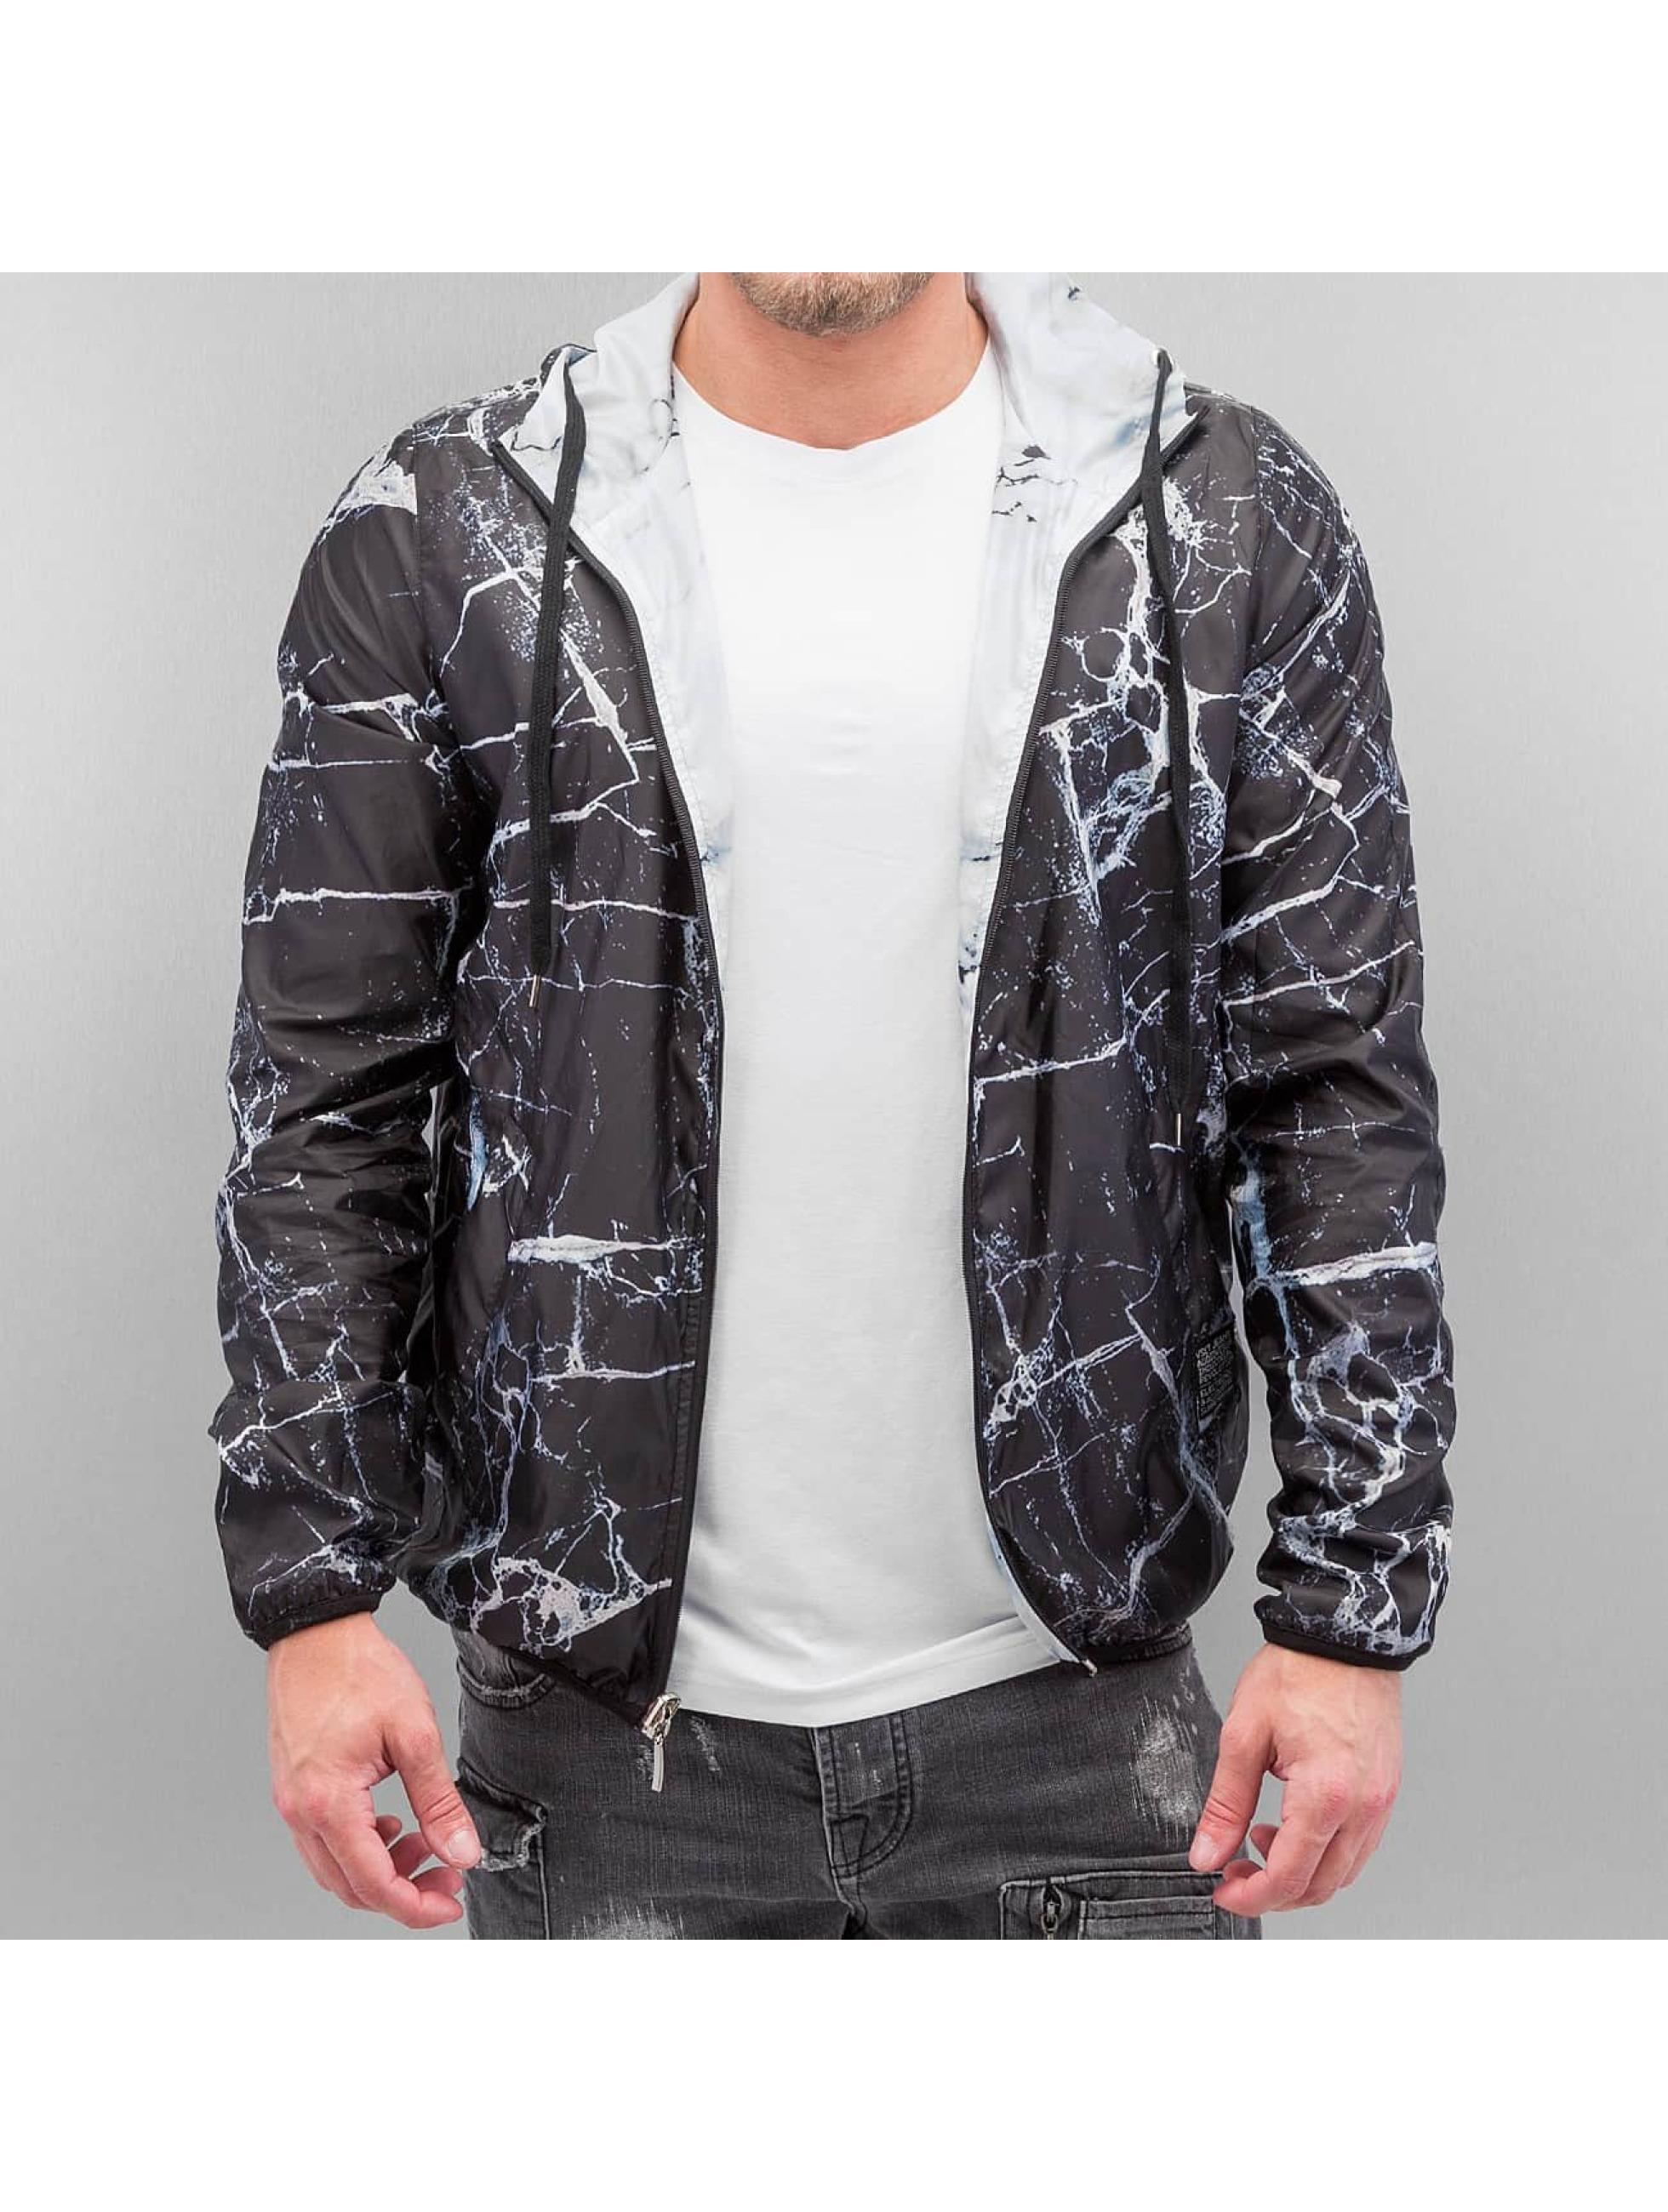 VSCT Clubwear Übergangsjacke Marble 2in1 Reversible schwarz